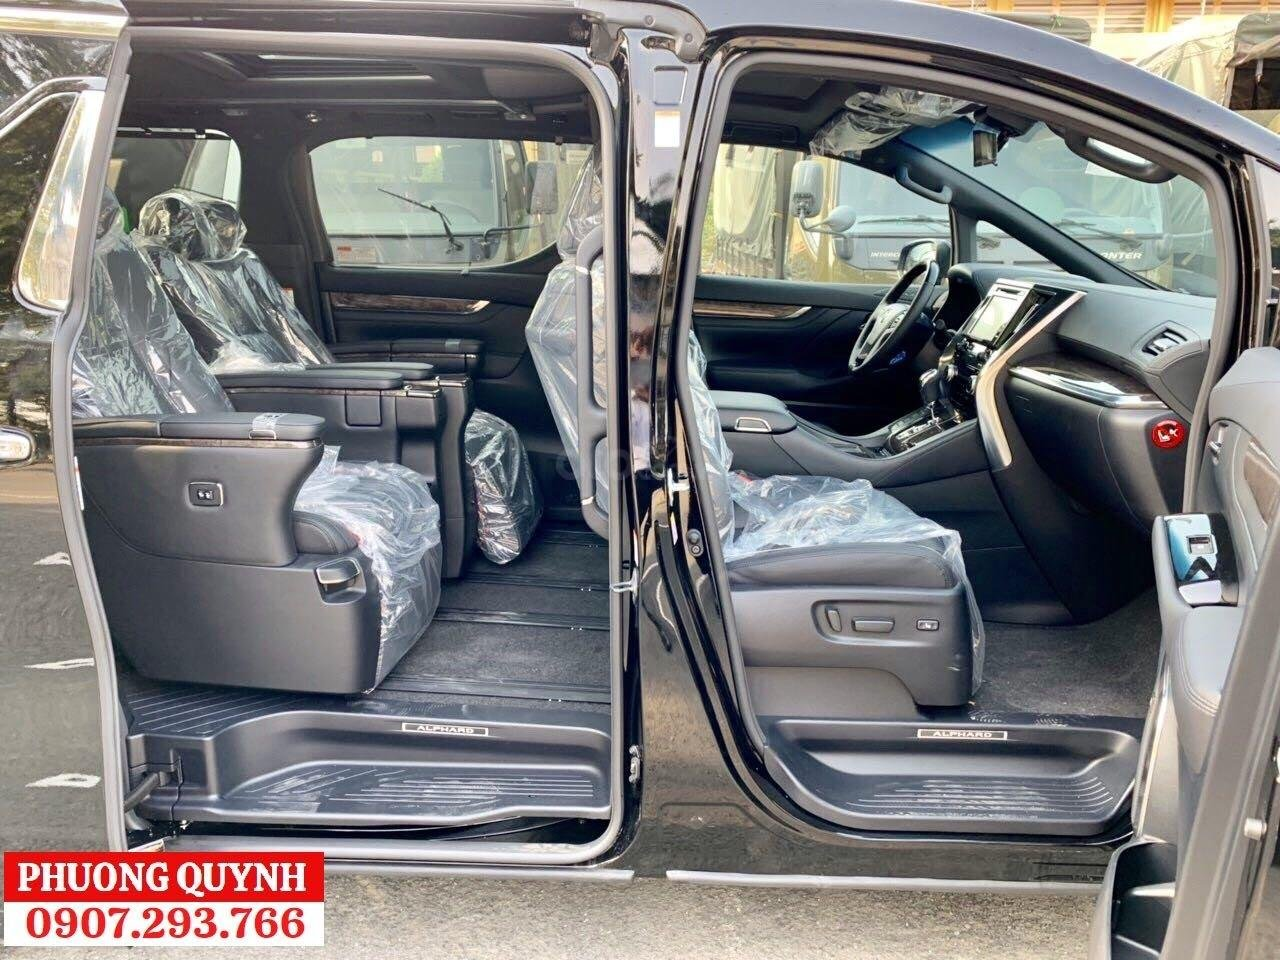 Toyota Alphard - Chuyên cơ mặt đất - đẳng cấp thương gia (4)